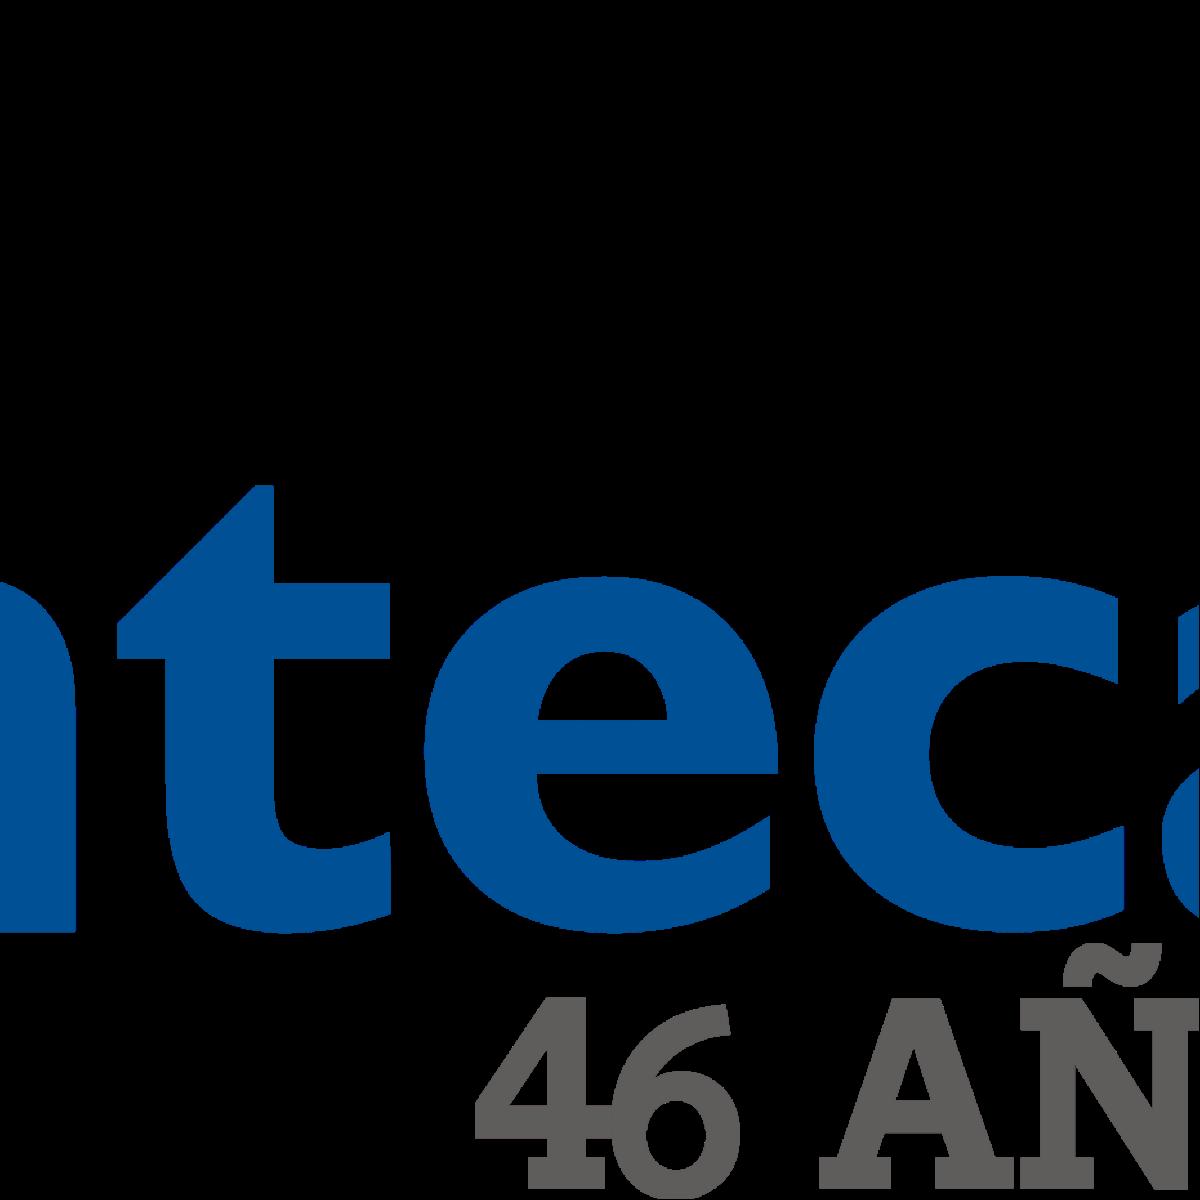 logo_INTECAP Escuintla 2